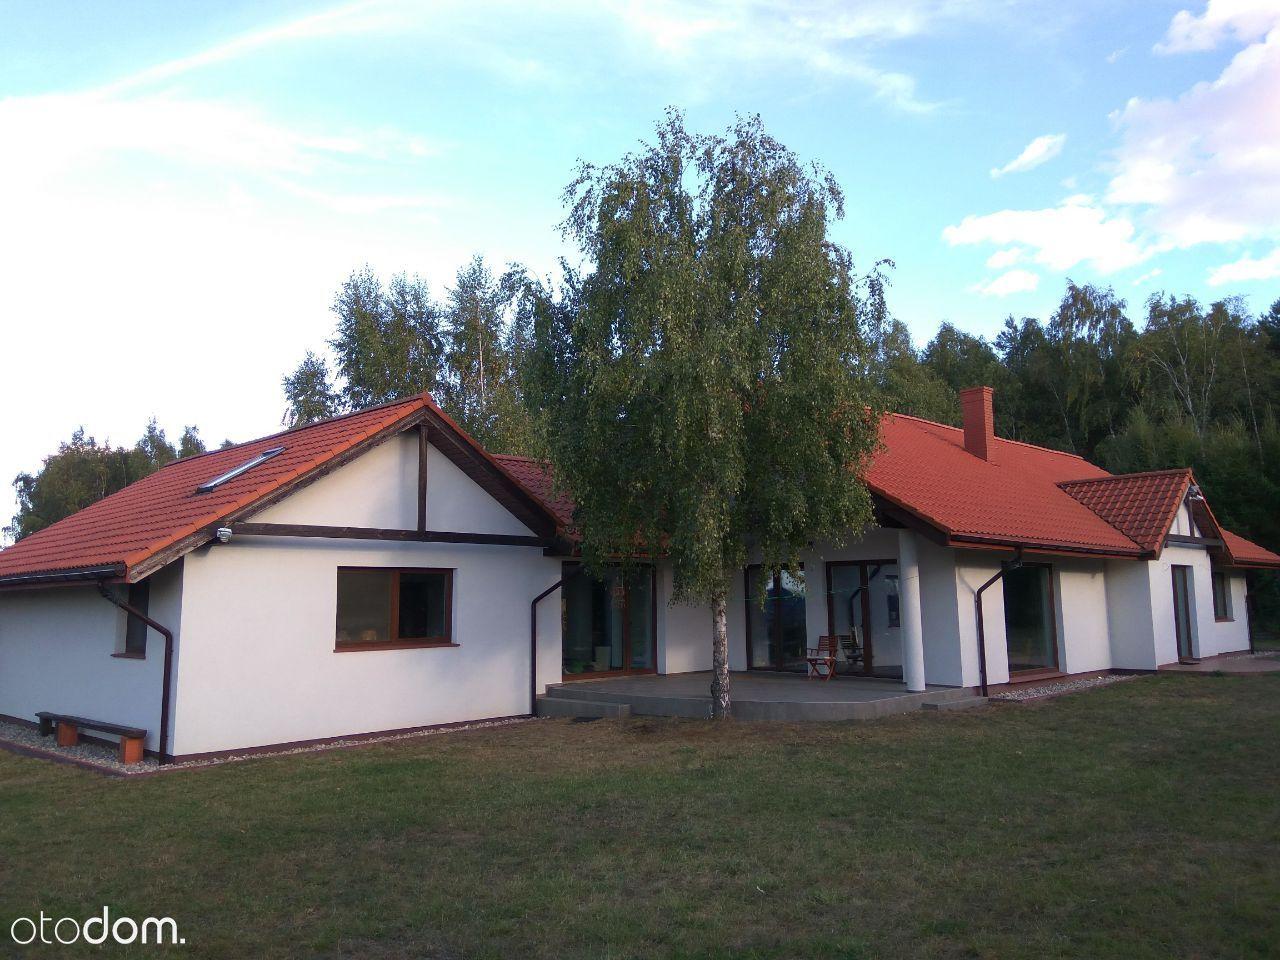 Dom na wynajem, Dąbrowa Chełmińska, bydgoski, kujawsko-pomorskie - Foto 16